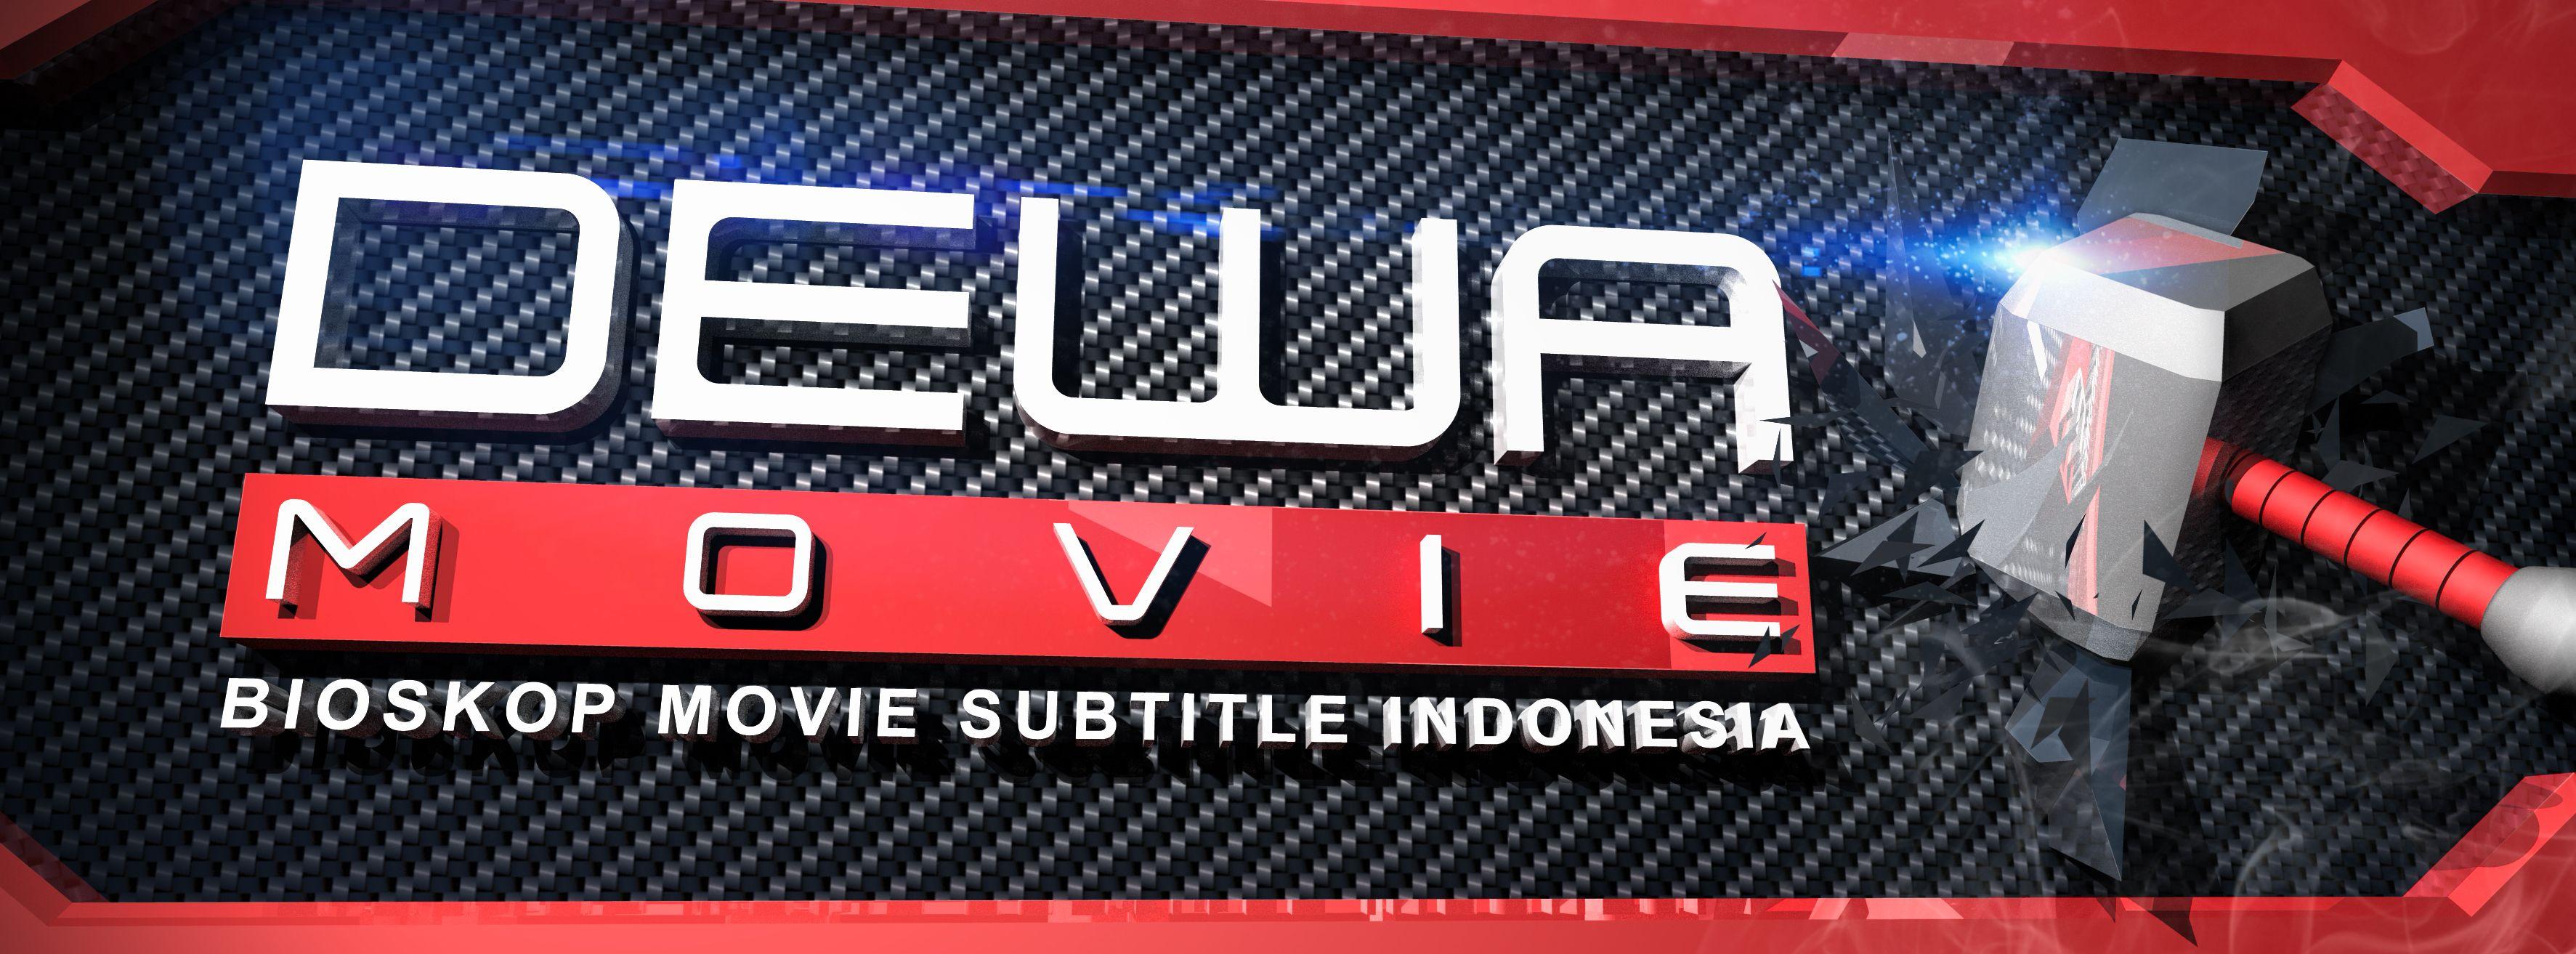 Nonton film online, bioskop movie online dengan subtitle indonesia